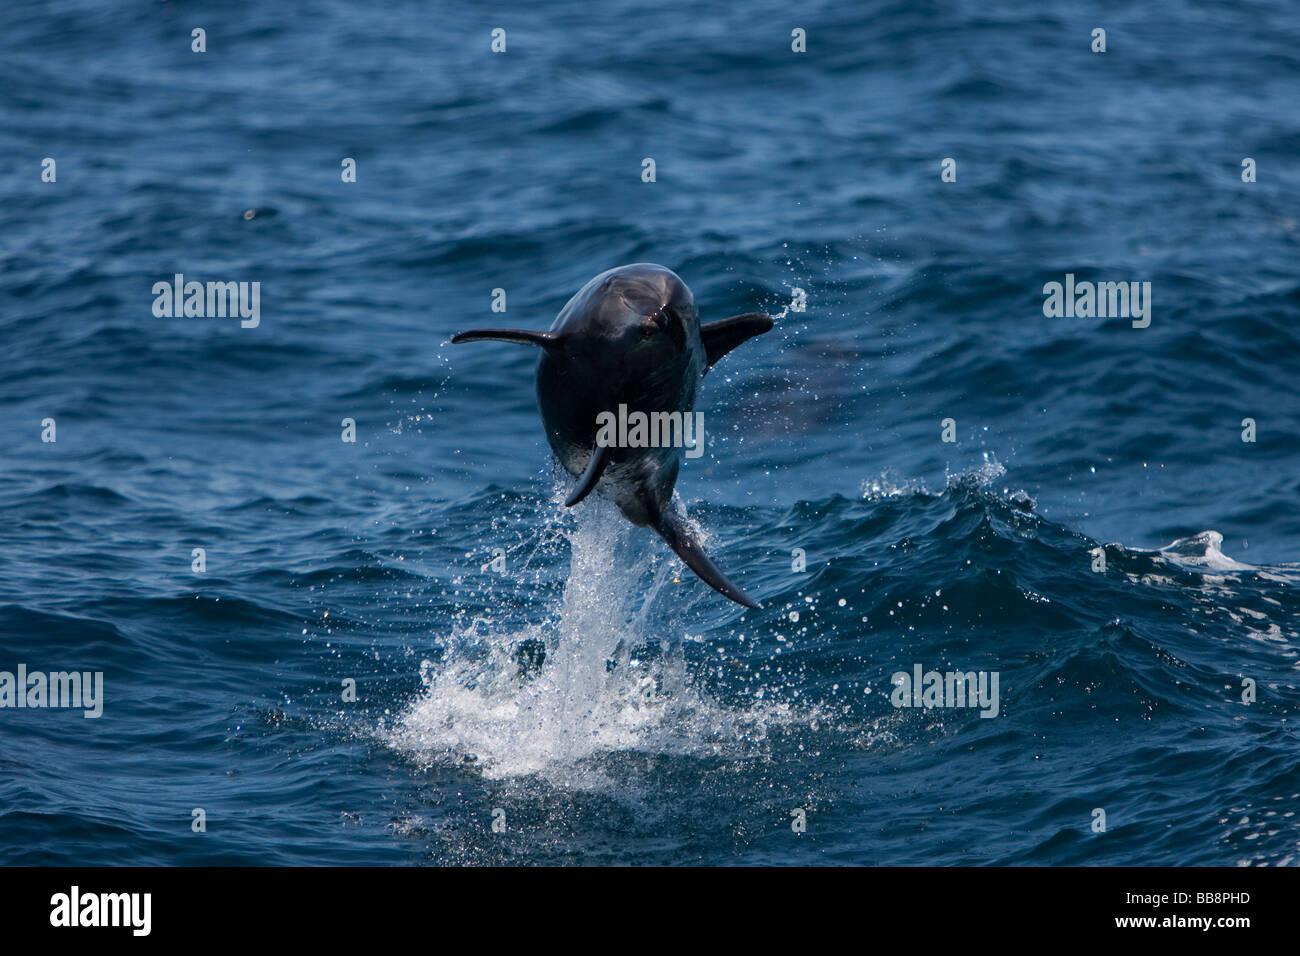 Bottlenose Dolphin tursiops truncatus Großer Tümmler leaping Sea of Cortez Baja California Mexico - Stock Image